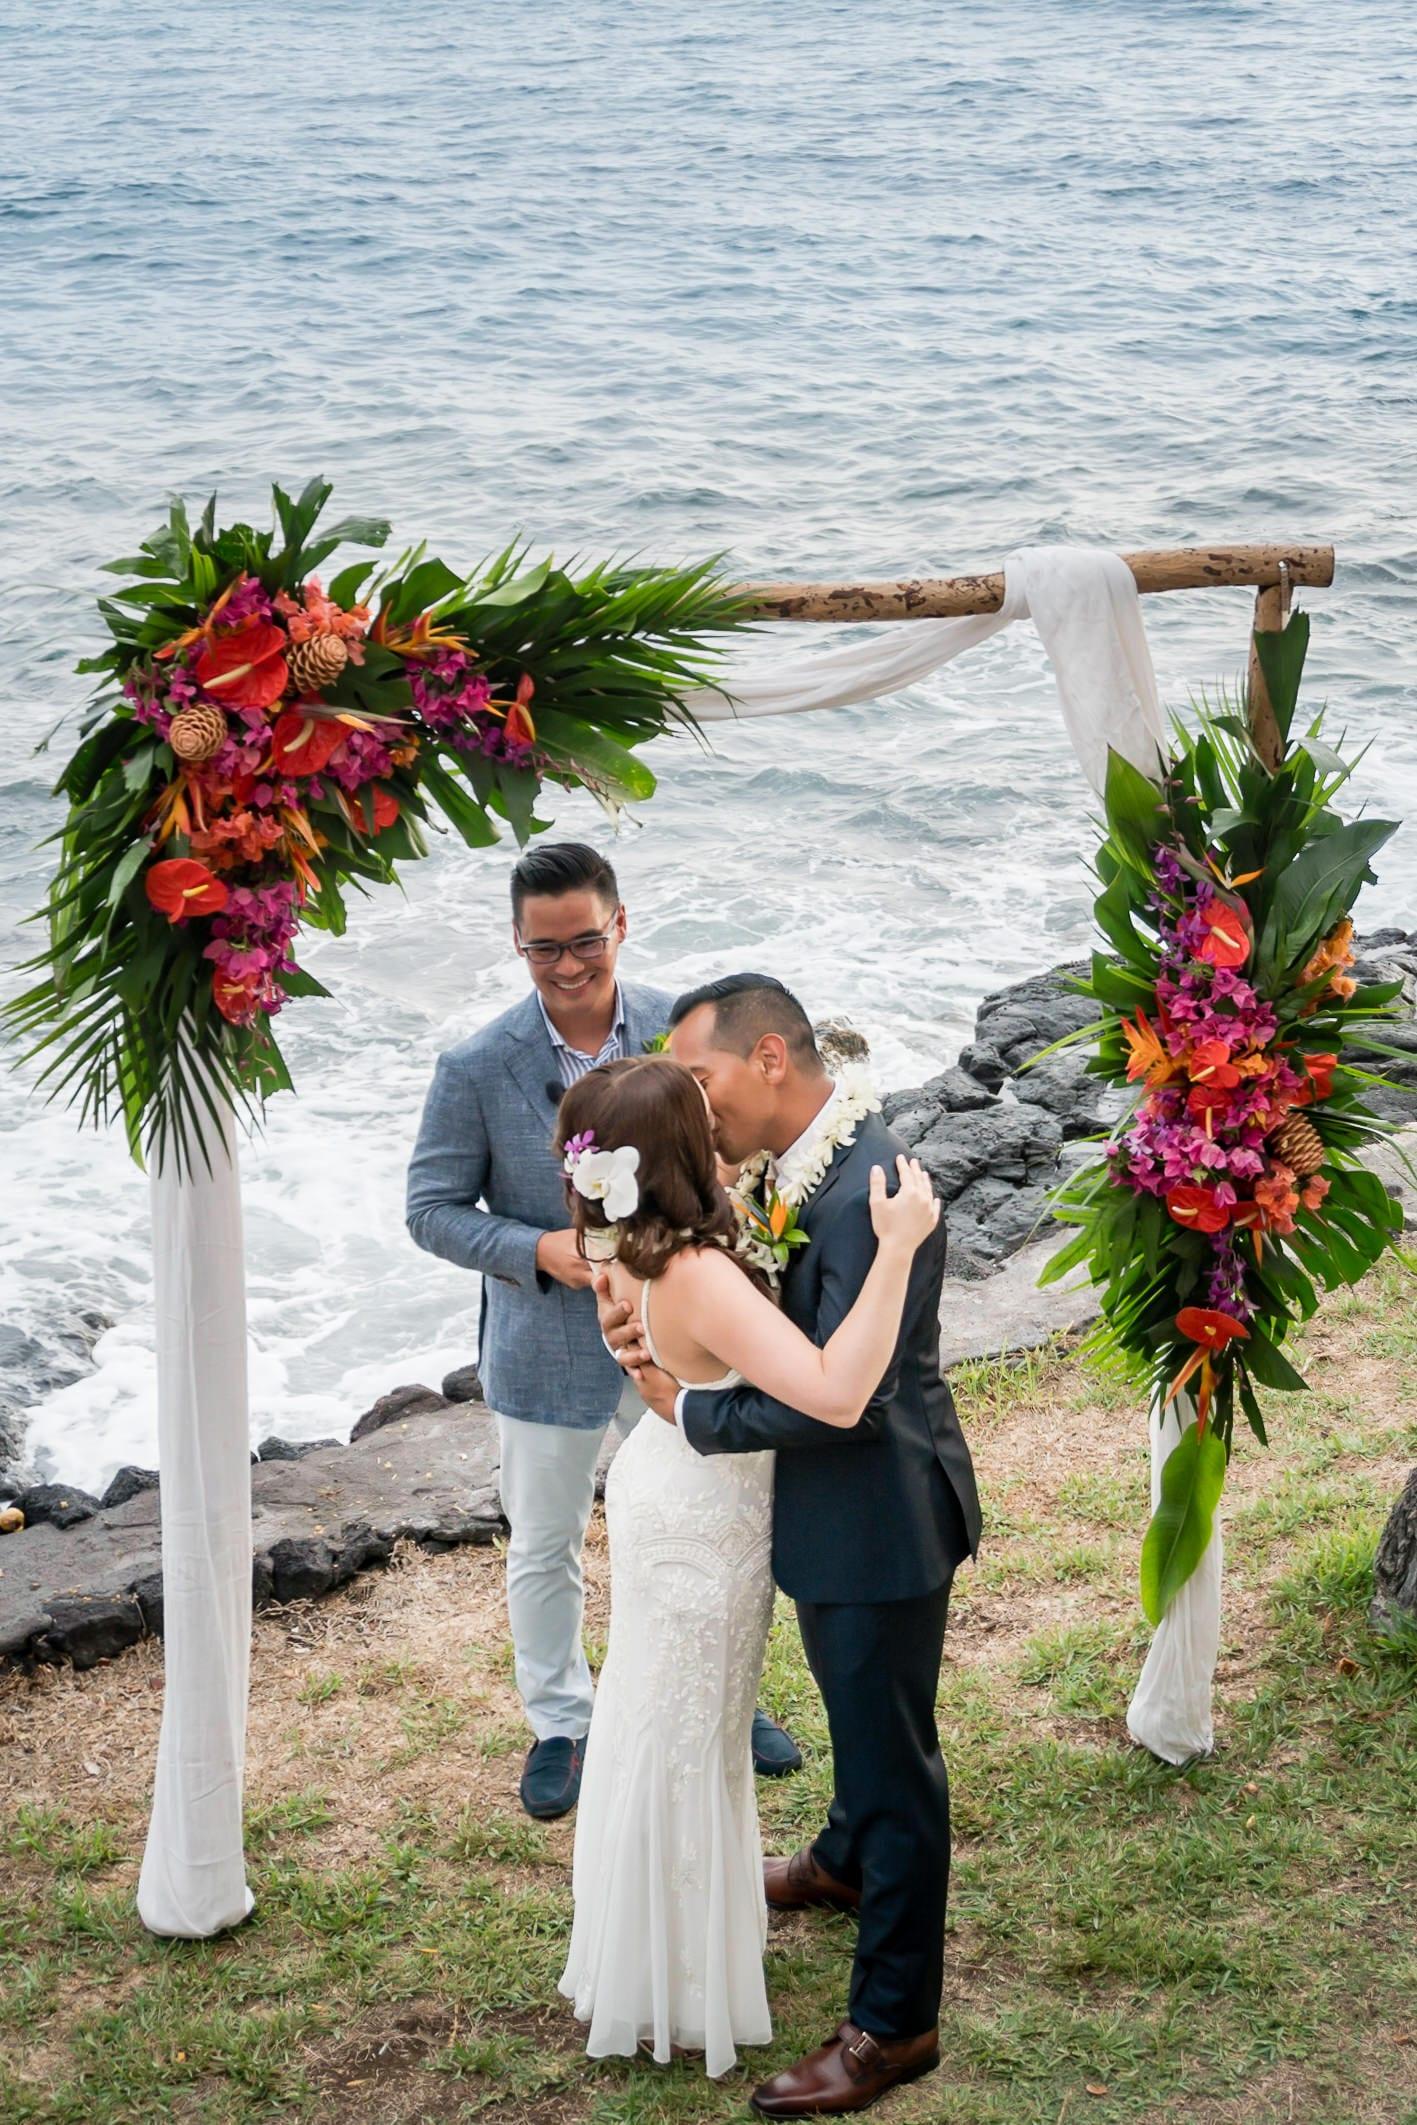 Big-Island-Hawaii-Jade-Keyes-Derrick-Alig-Daylight-Mind-Kailua-Kona-Hawaii-Wedding15.jpg